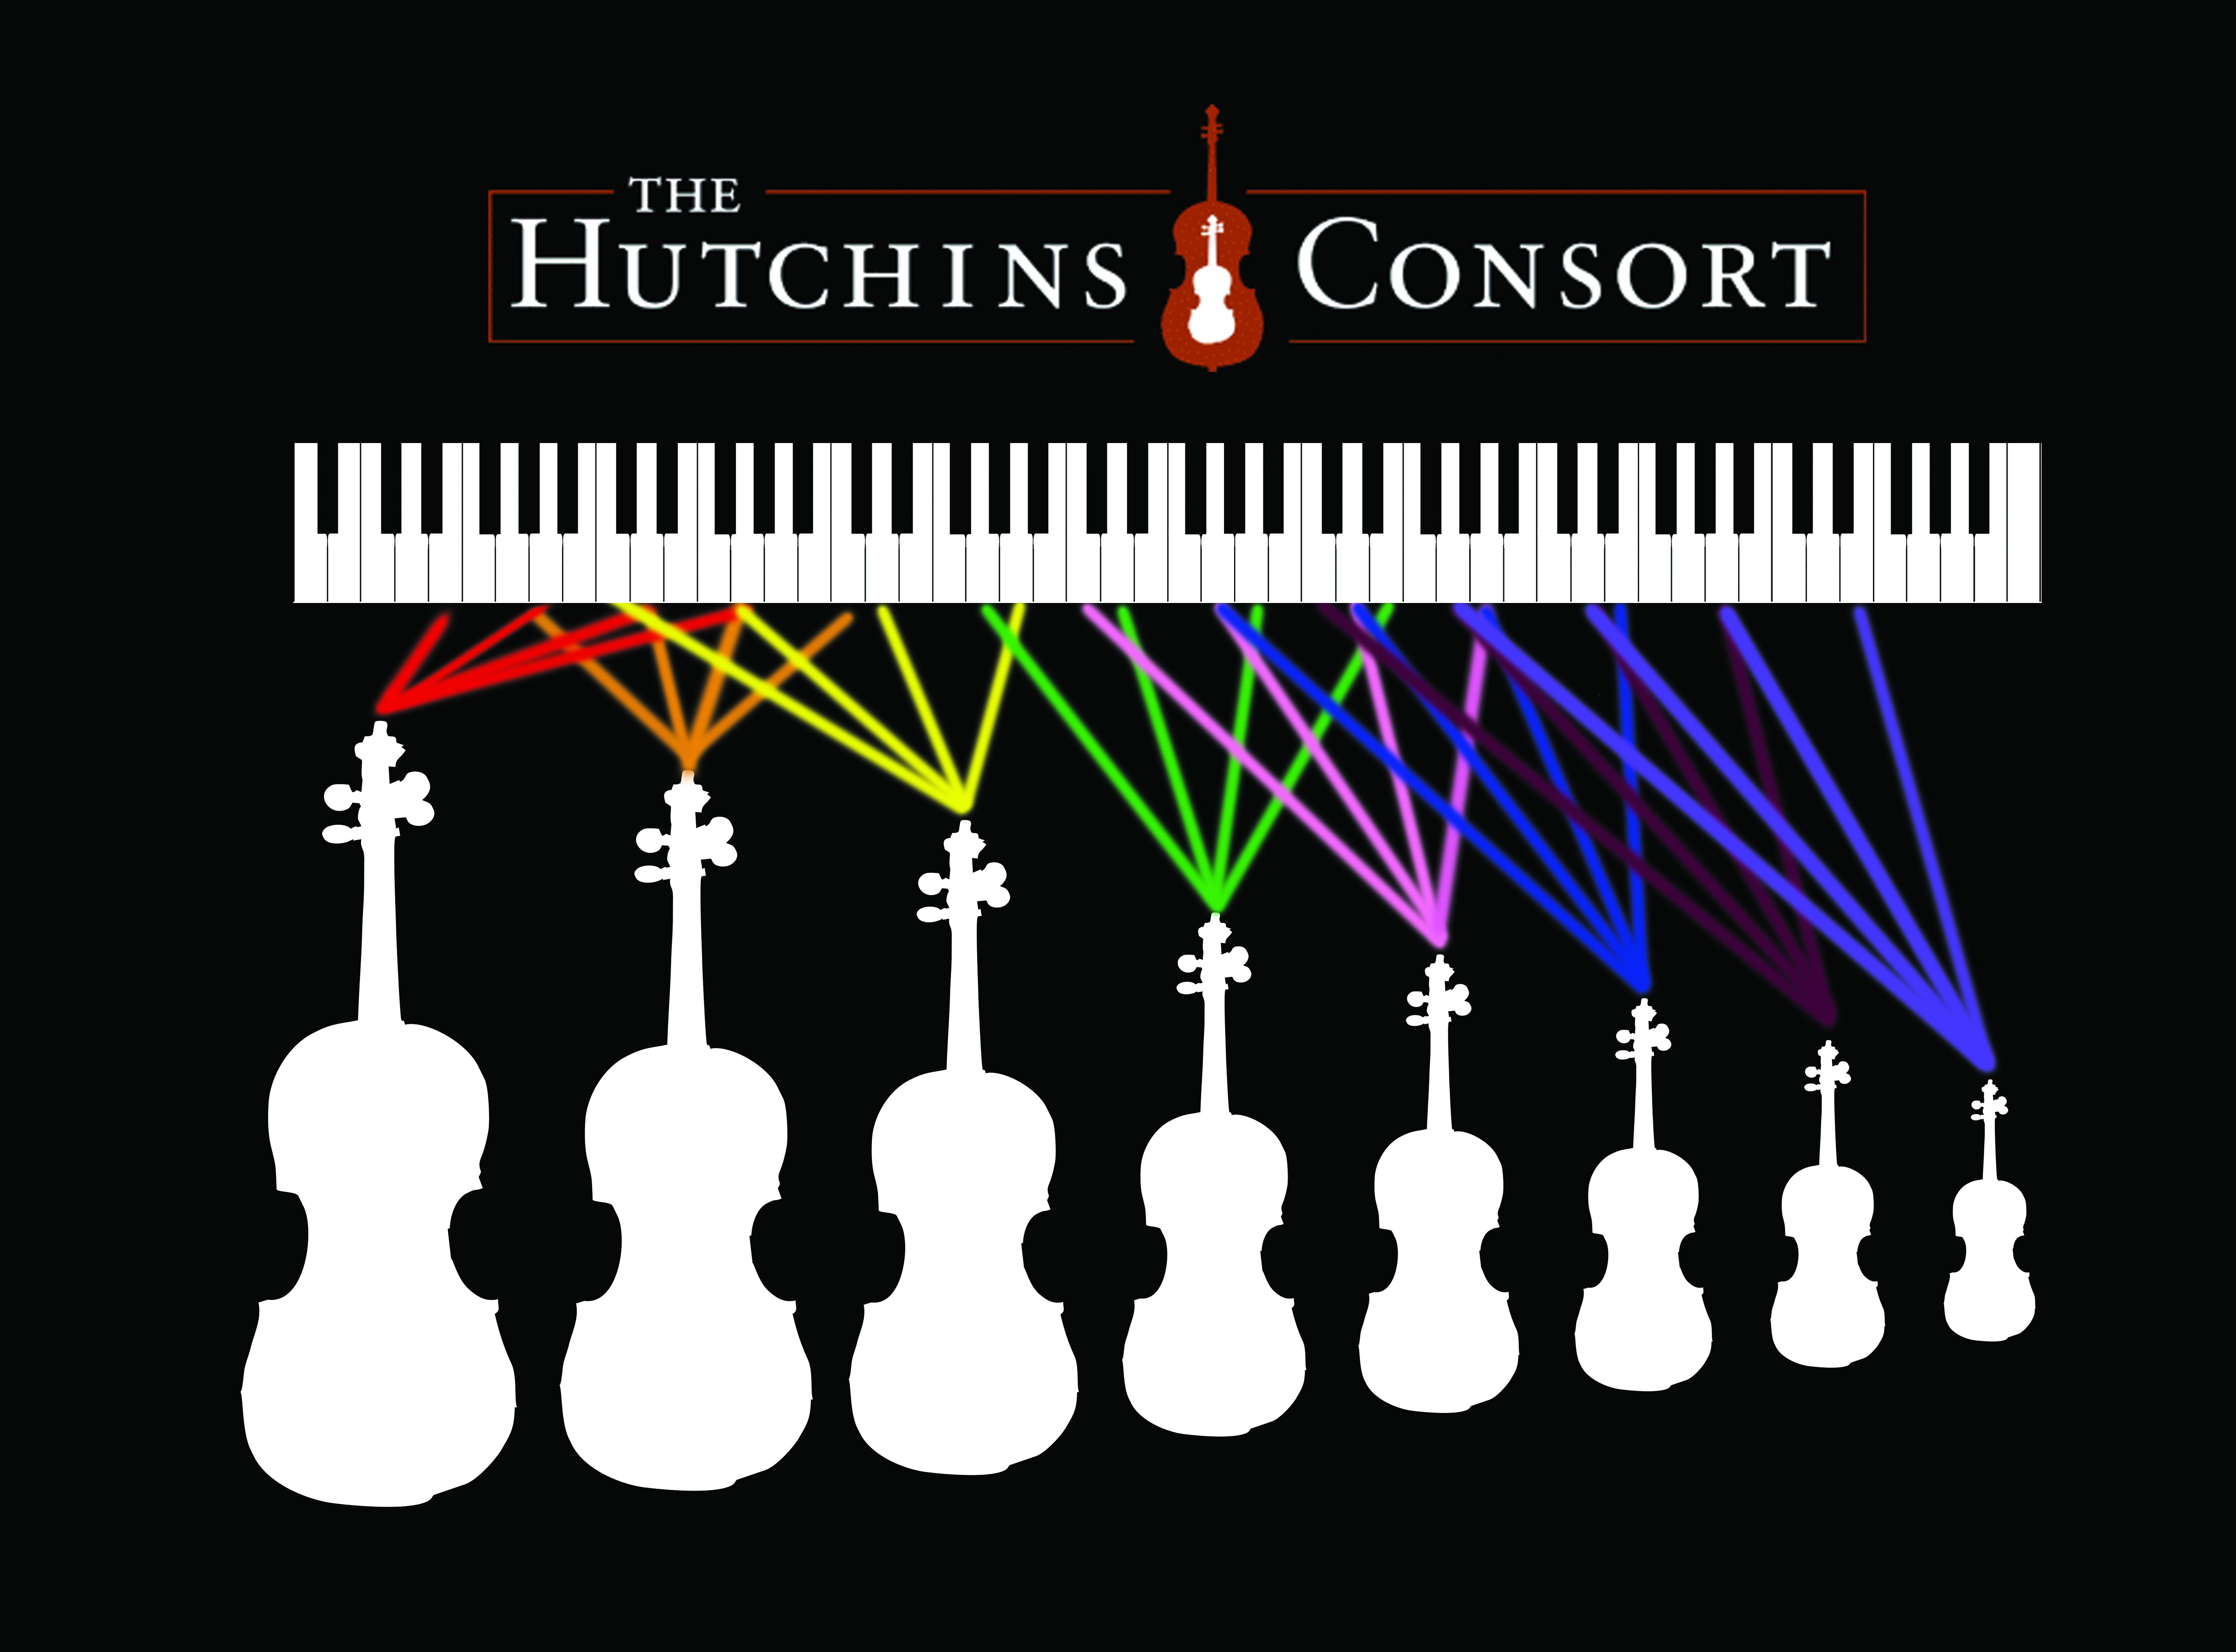 hutchins-consort-T-Shirt Design